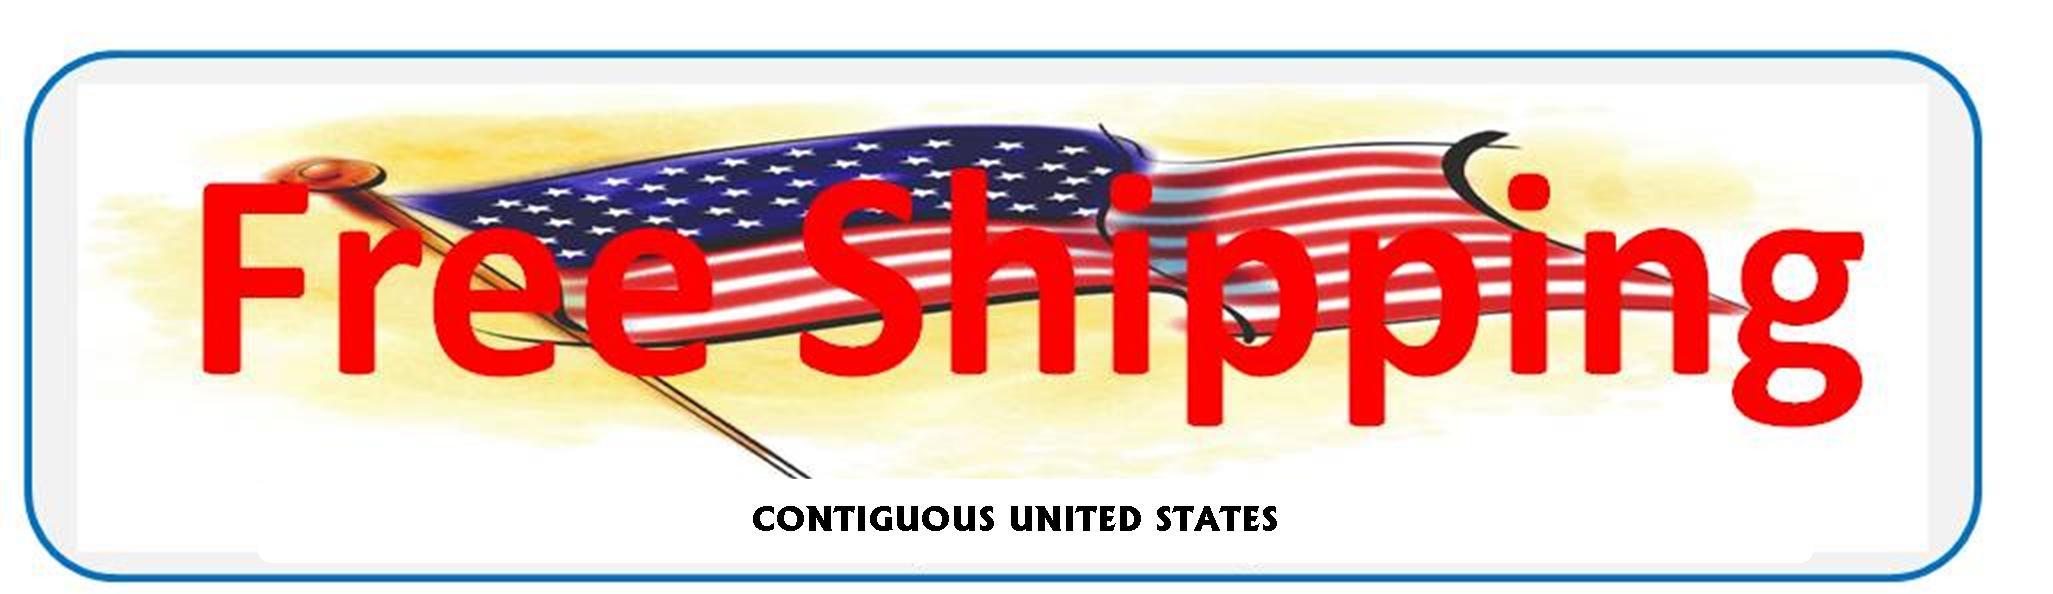 FREE_SHIPPING_LOGO051010.jpg